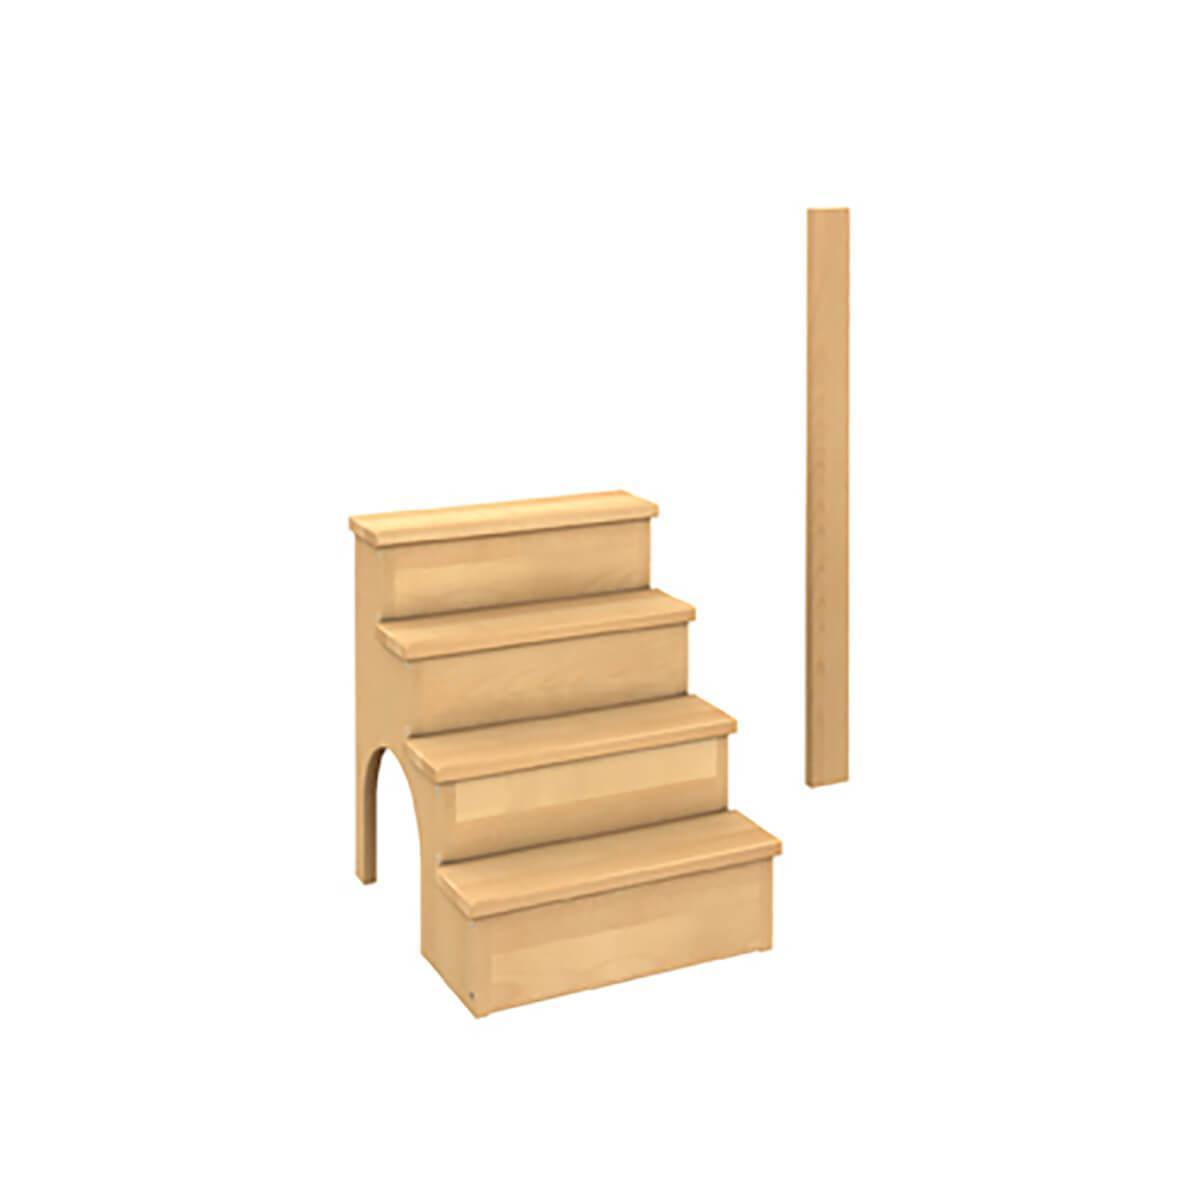 Erweiterung Treppe und Mittelpfosten DELUXE de Breuyn Buche natur geölt